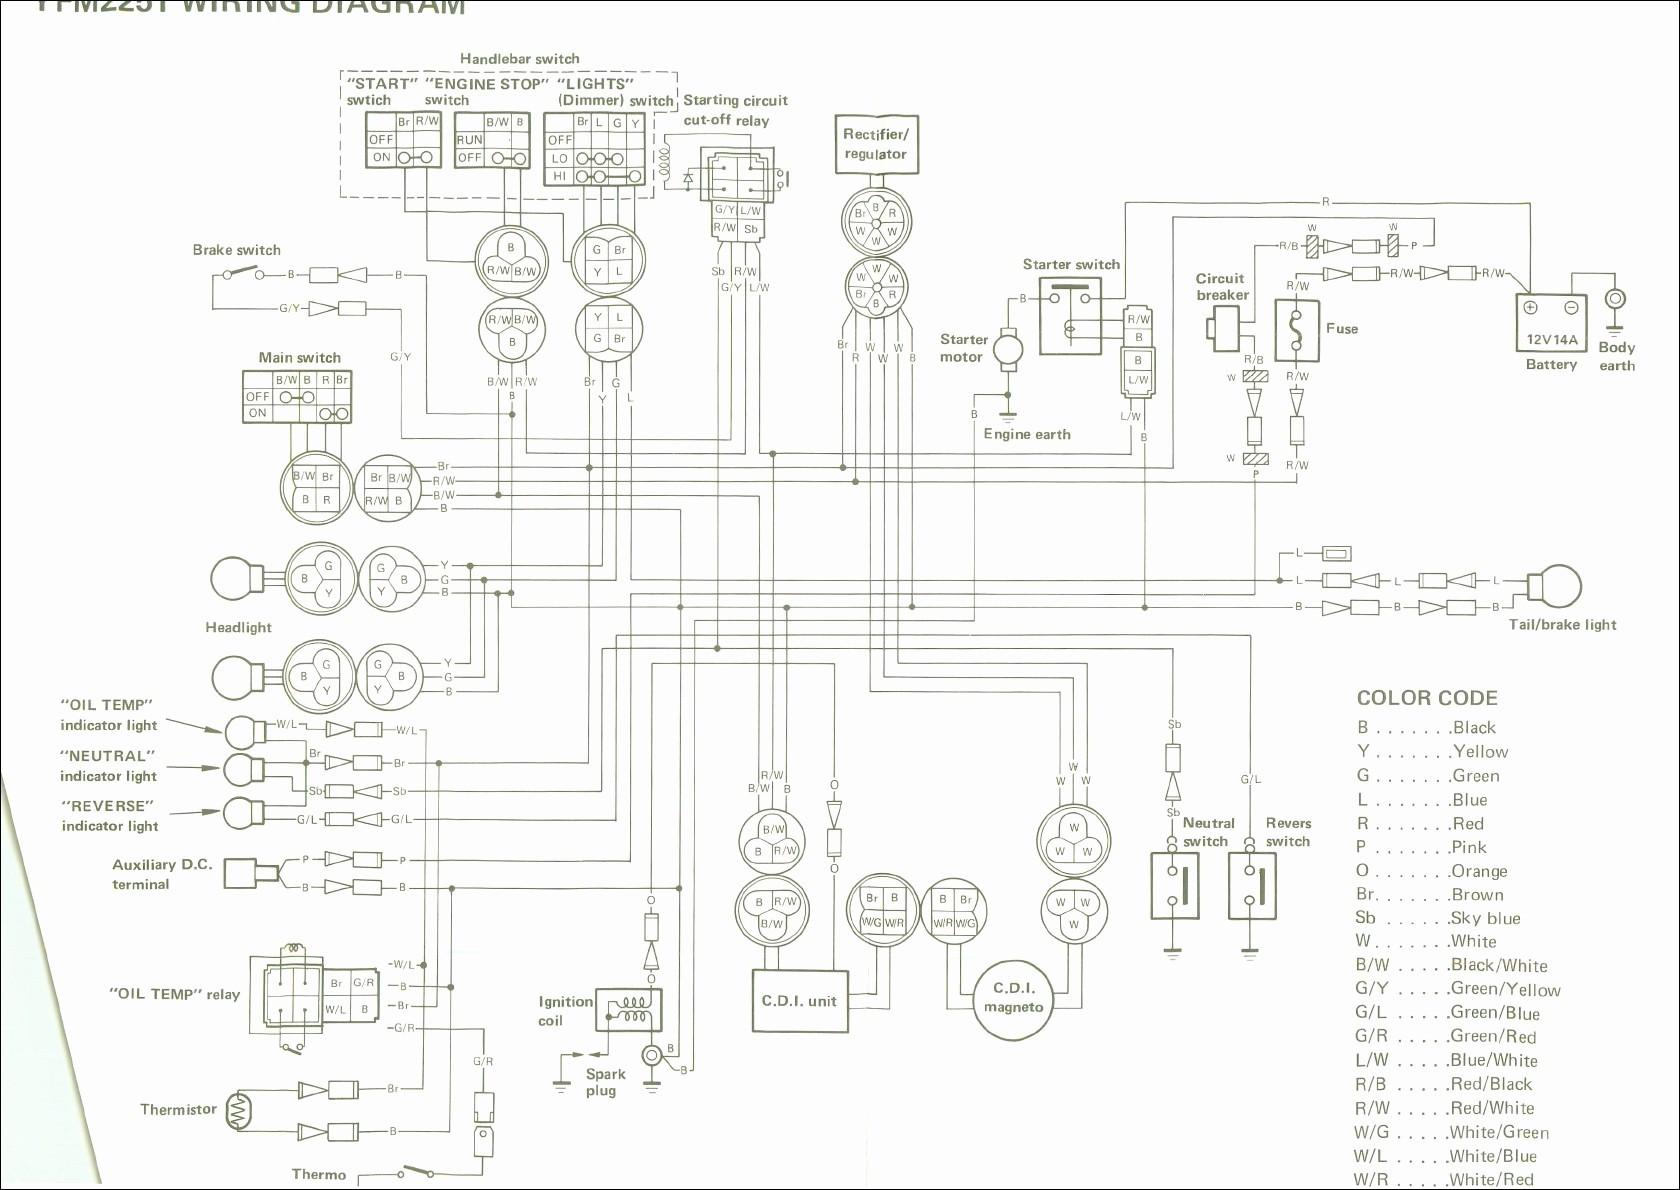 Yamaha Big Bear 350 Electric Diagram 1995 Yamaha Big Bear 350 4×4 Wiring Diagram Wiring Diagram and Schematic Of Yamaha Big Bear 350 Electric Diagram